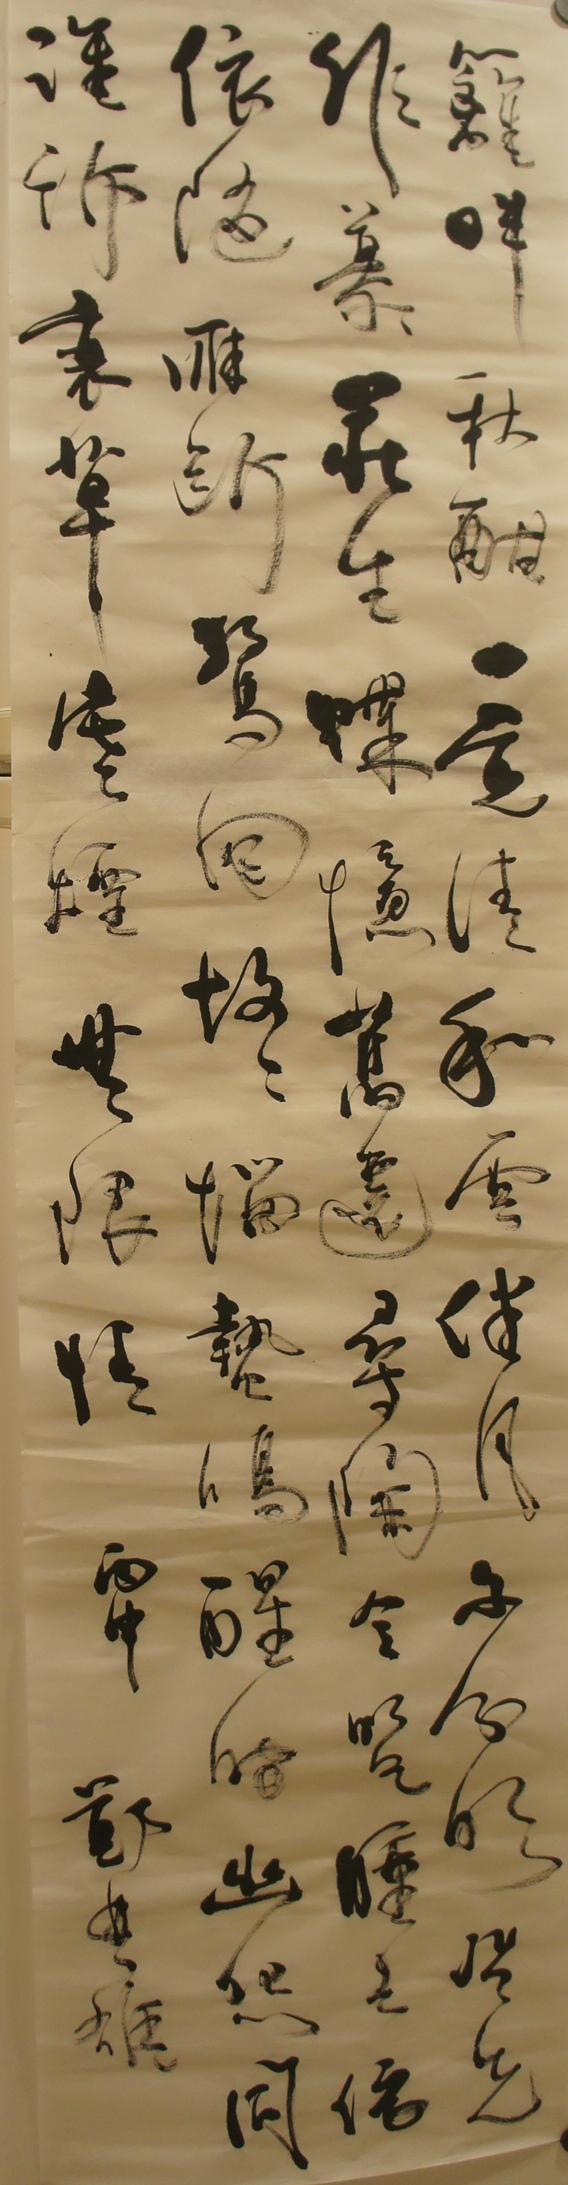 鄭楚雄 書法 曹雪芹《菊夢》(行草立軸 138cm x 36cm)